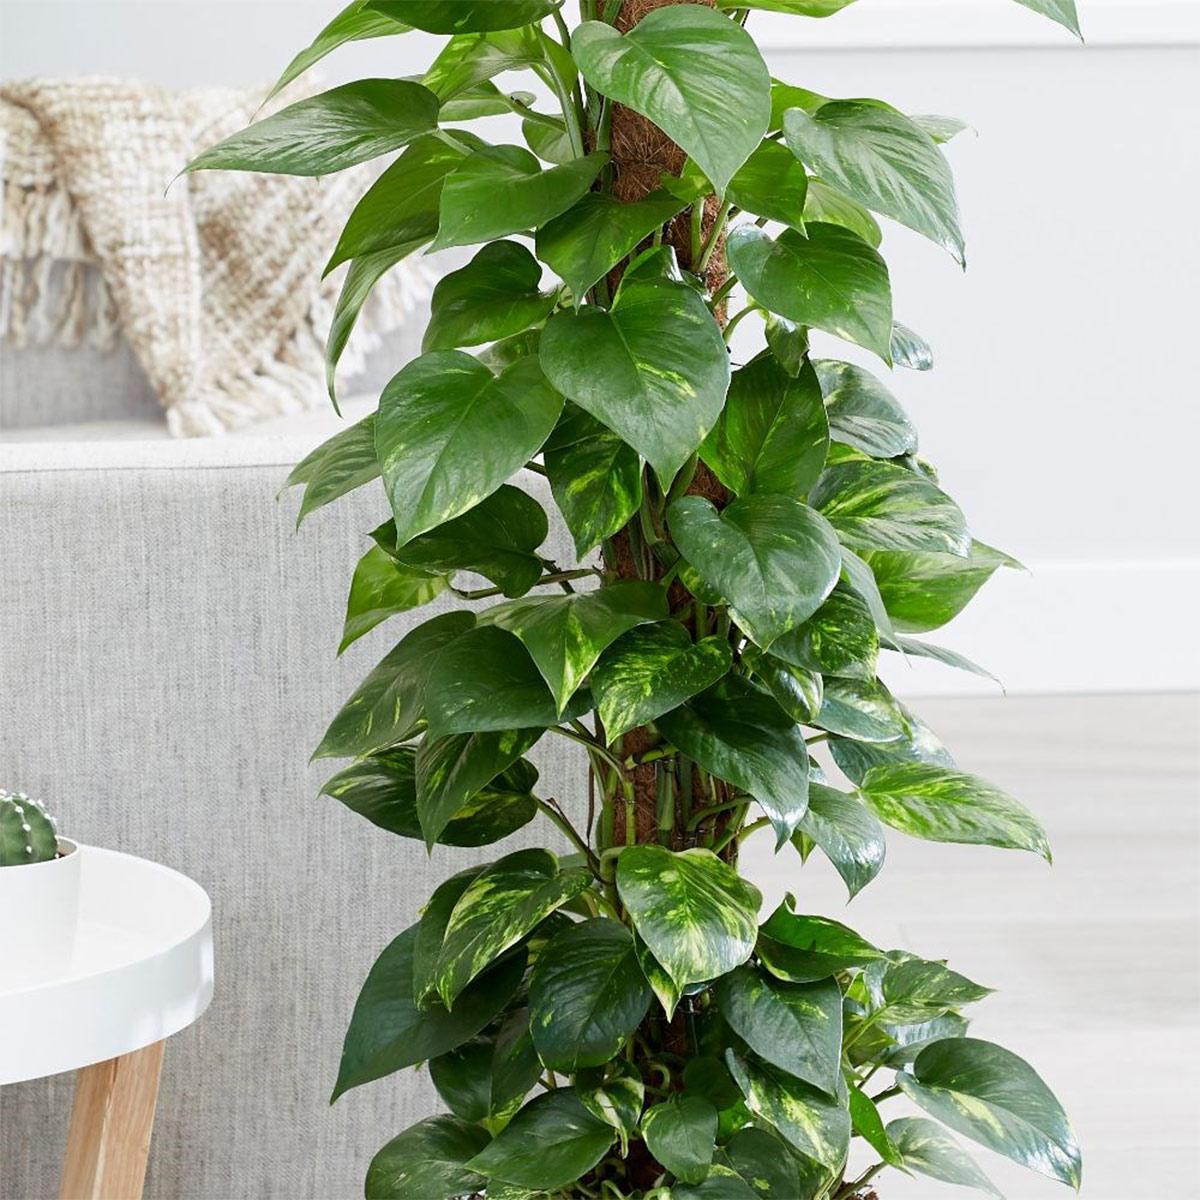 trồng cây trầu bà trong nhà